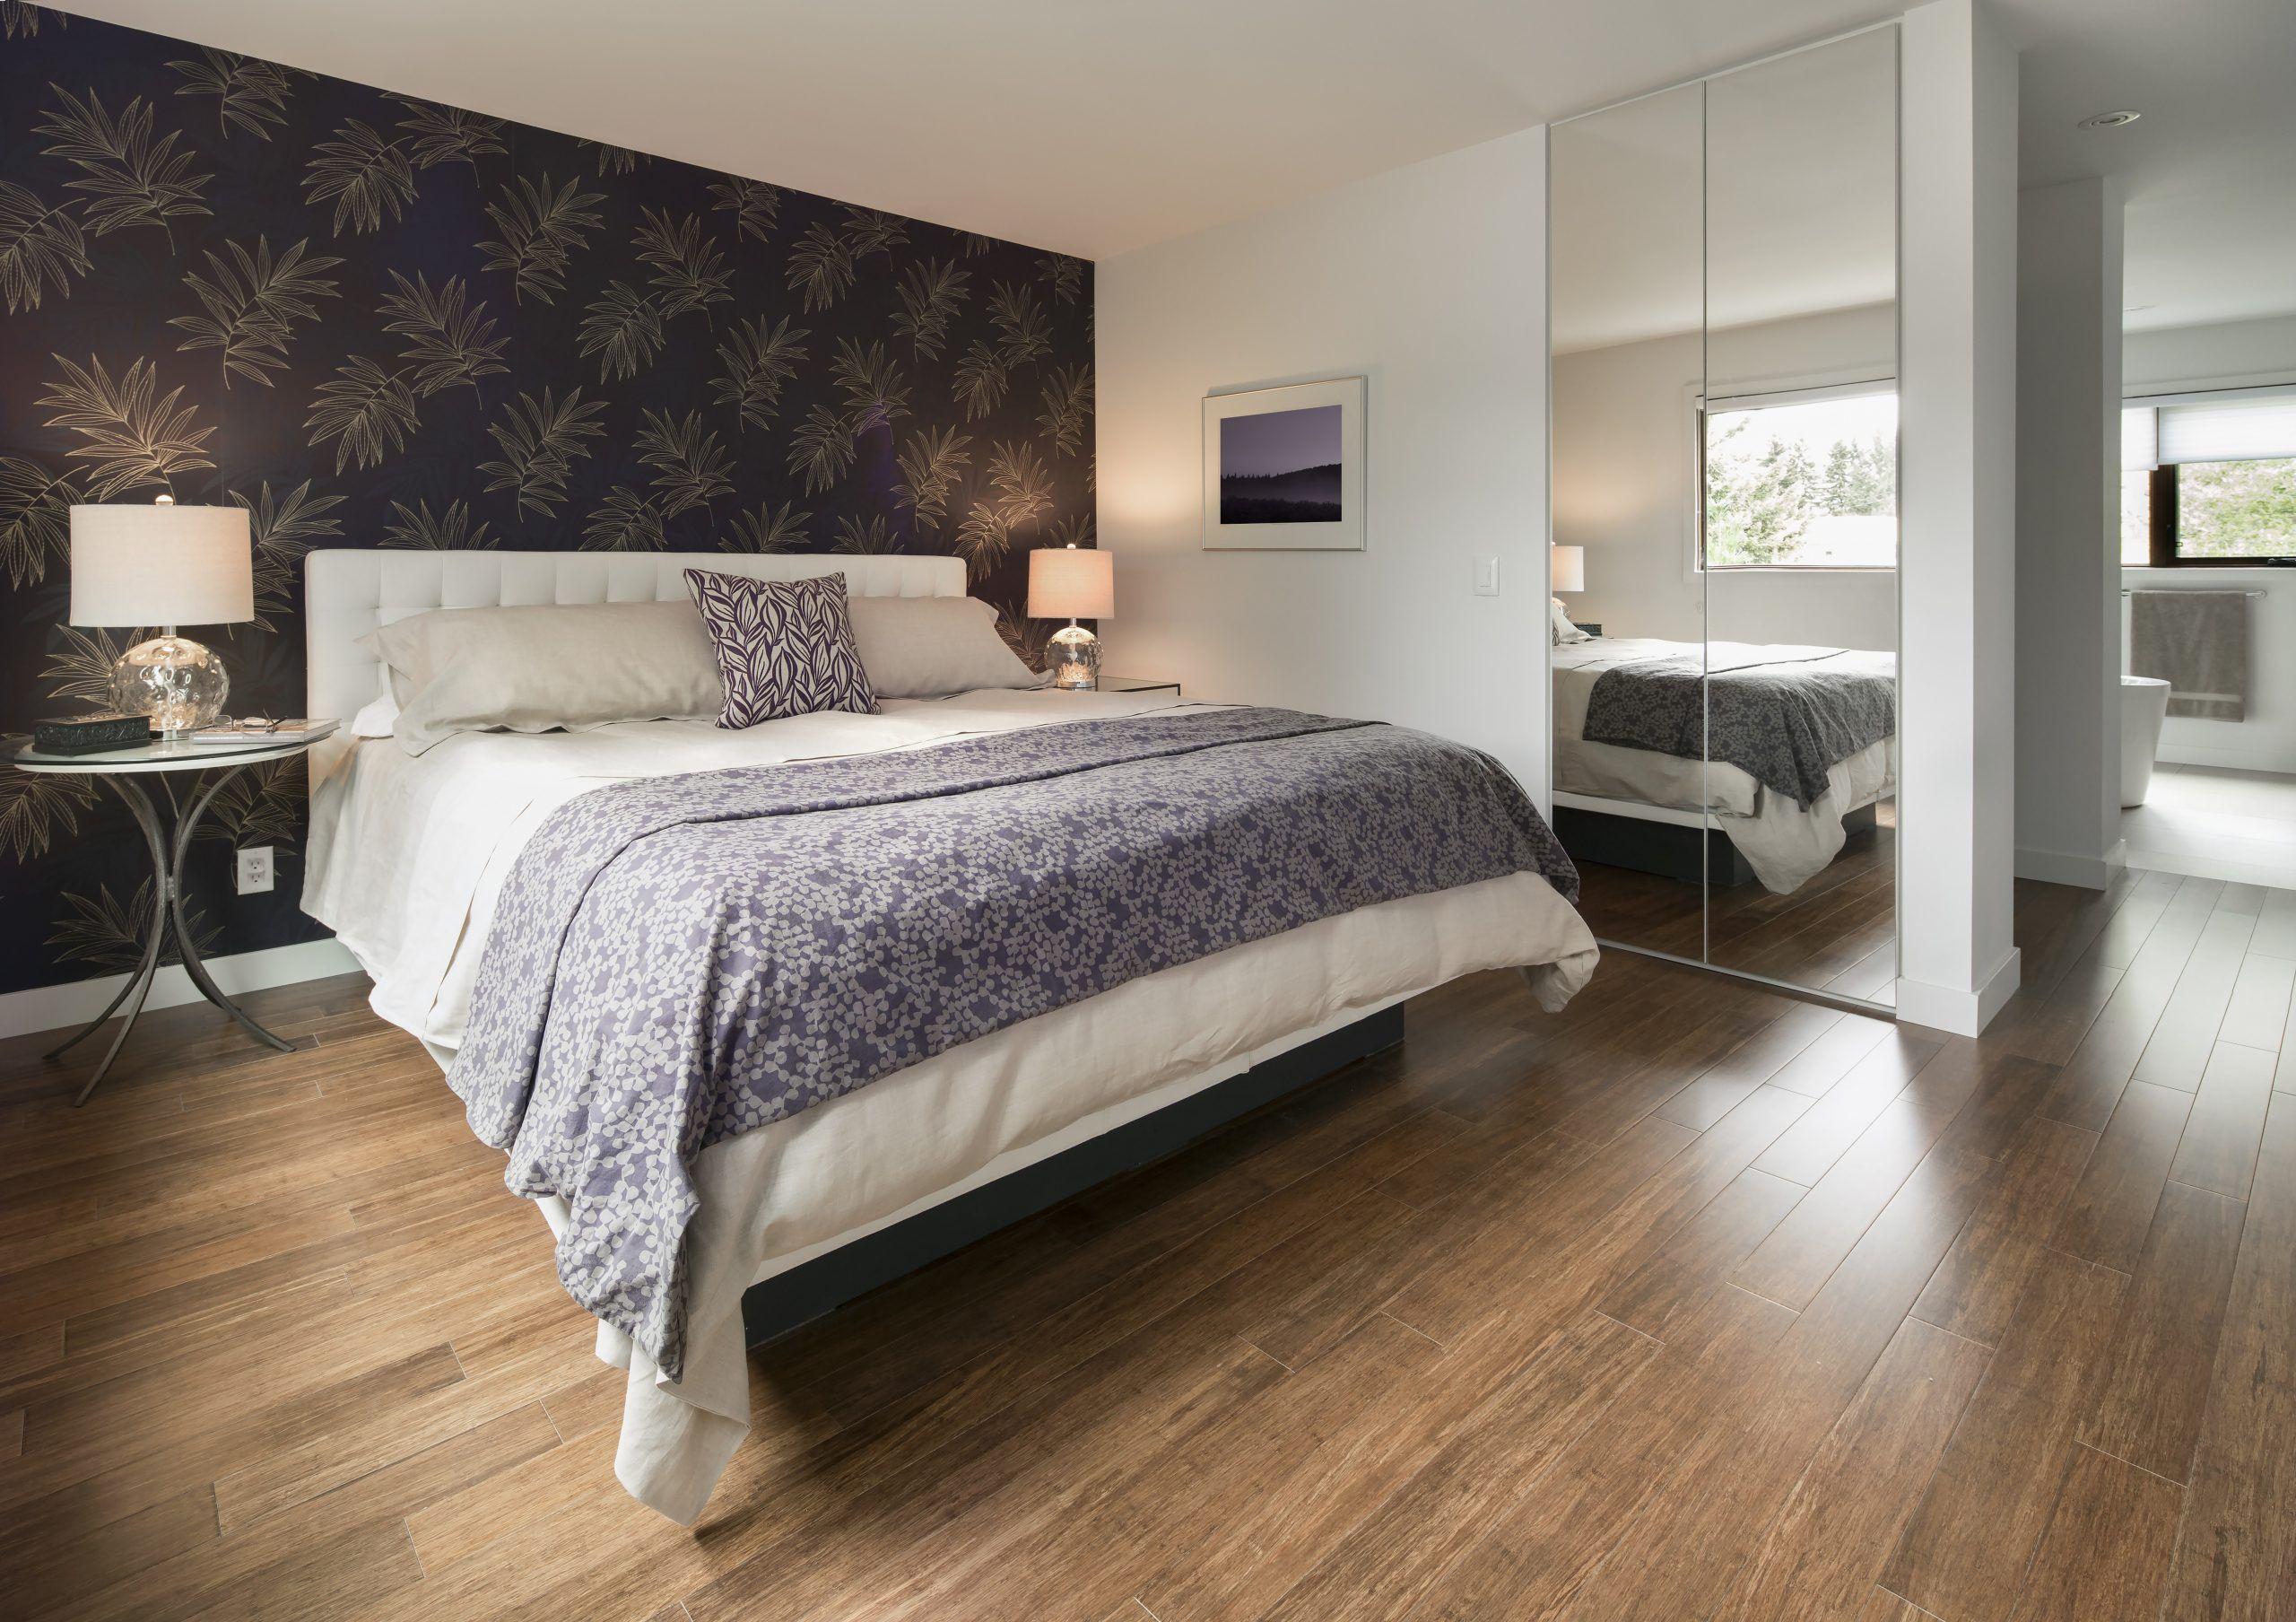 Wooden Floor Bedroom Pictures in 3  Bedroom wooden floor